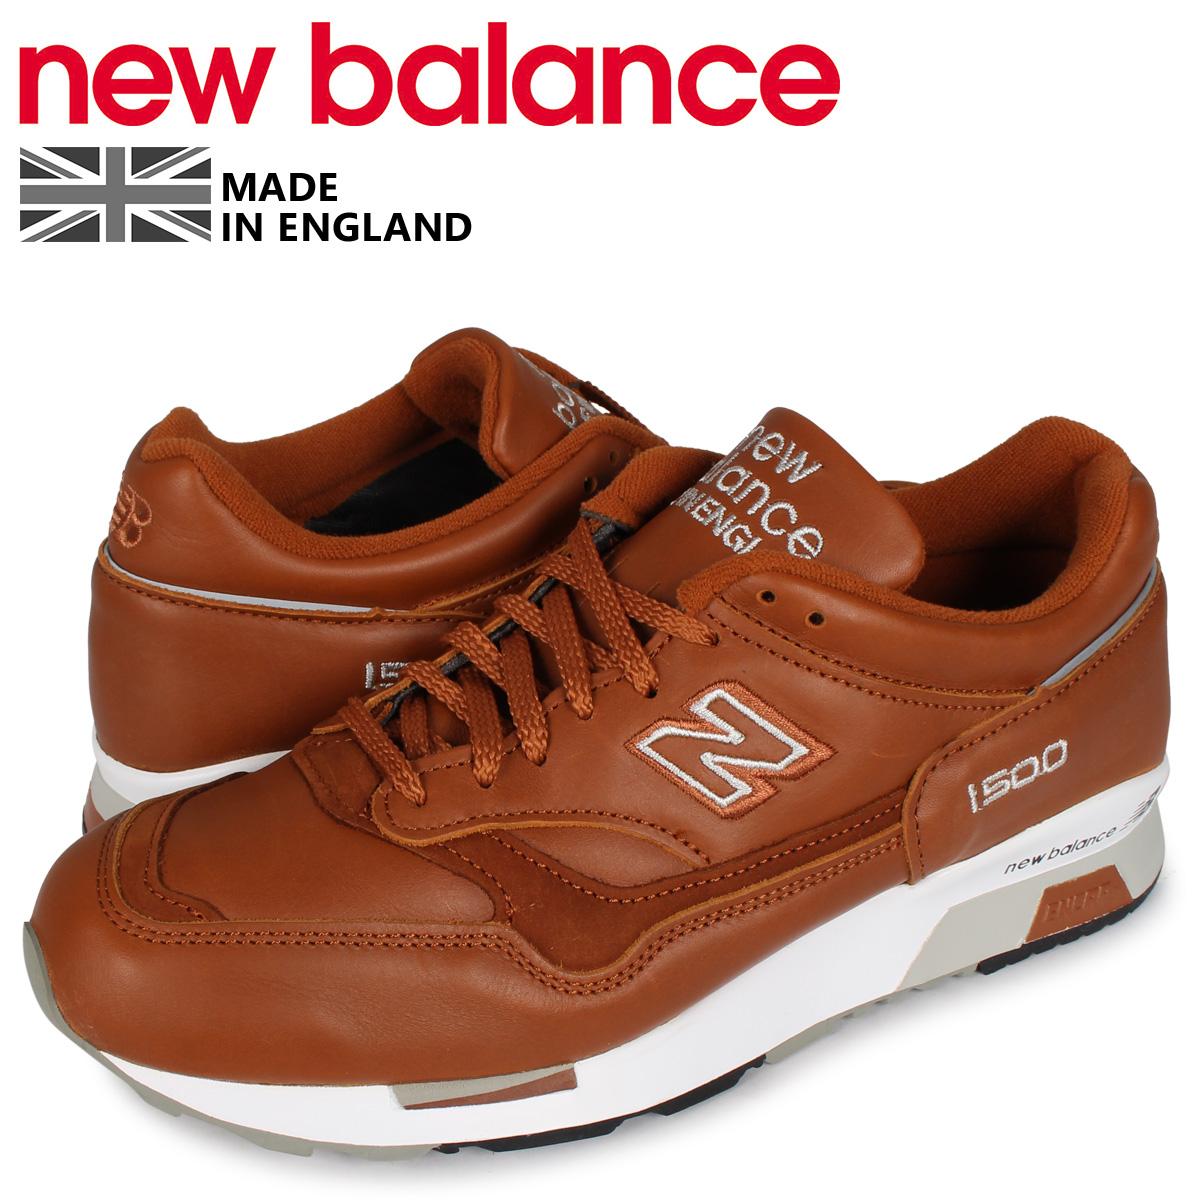 ニューバランス new balance 1500 スニーカー メンズ Dワイズ ブラウン M1500TN [4/14 新入荷]